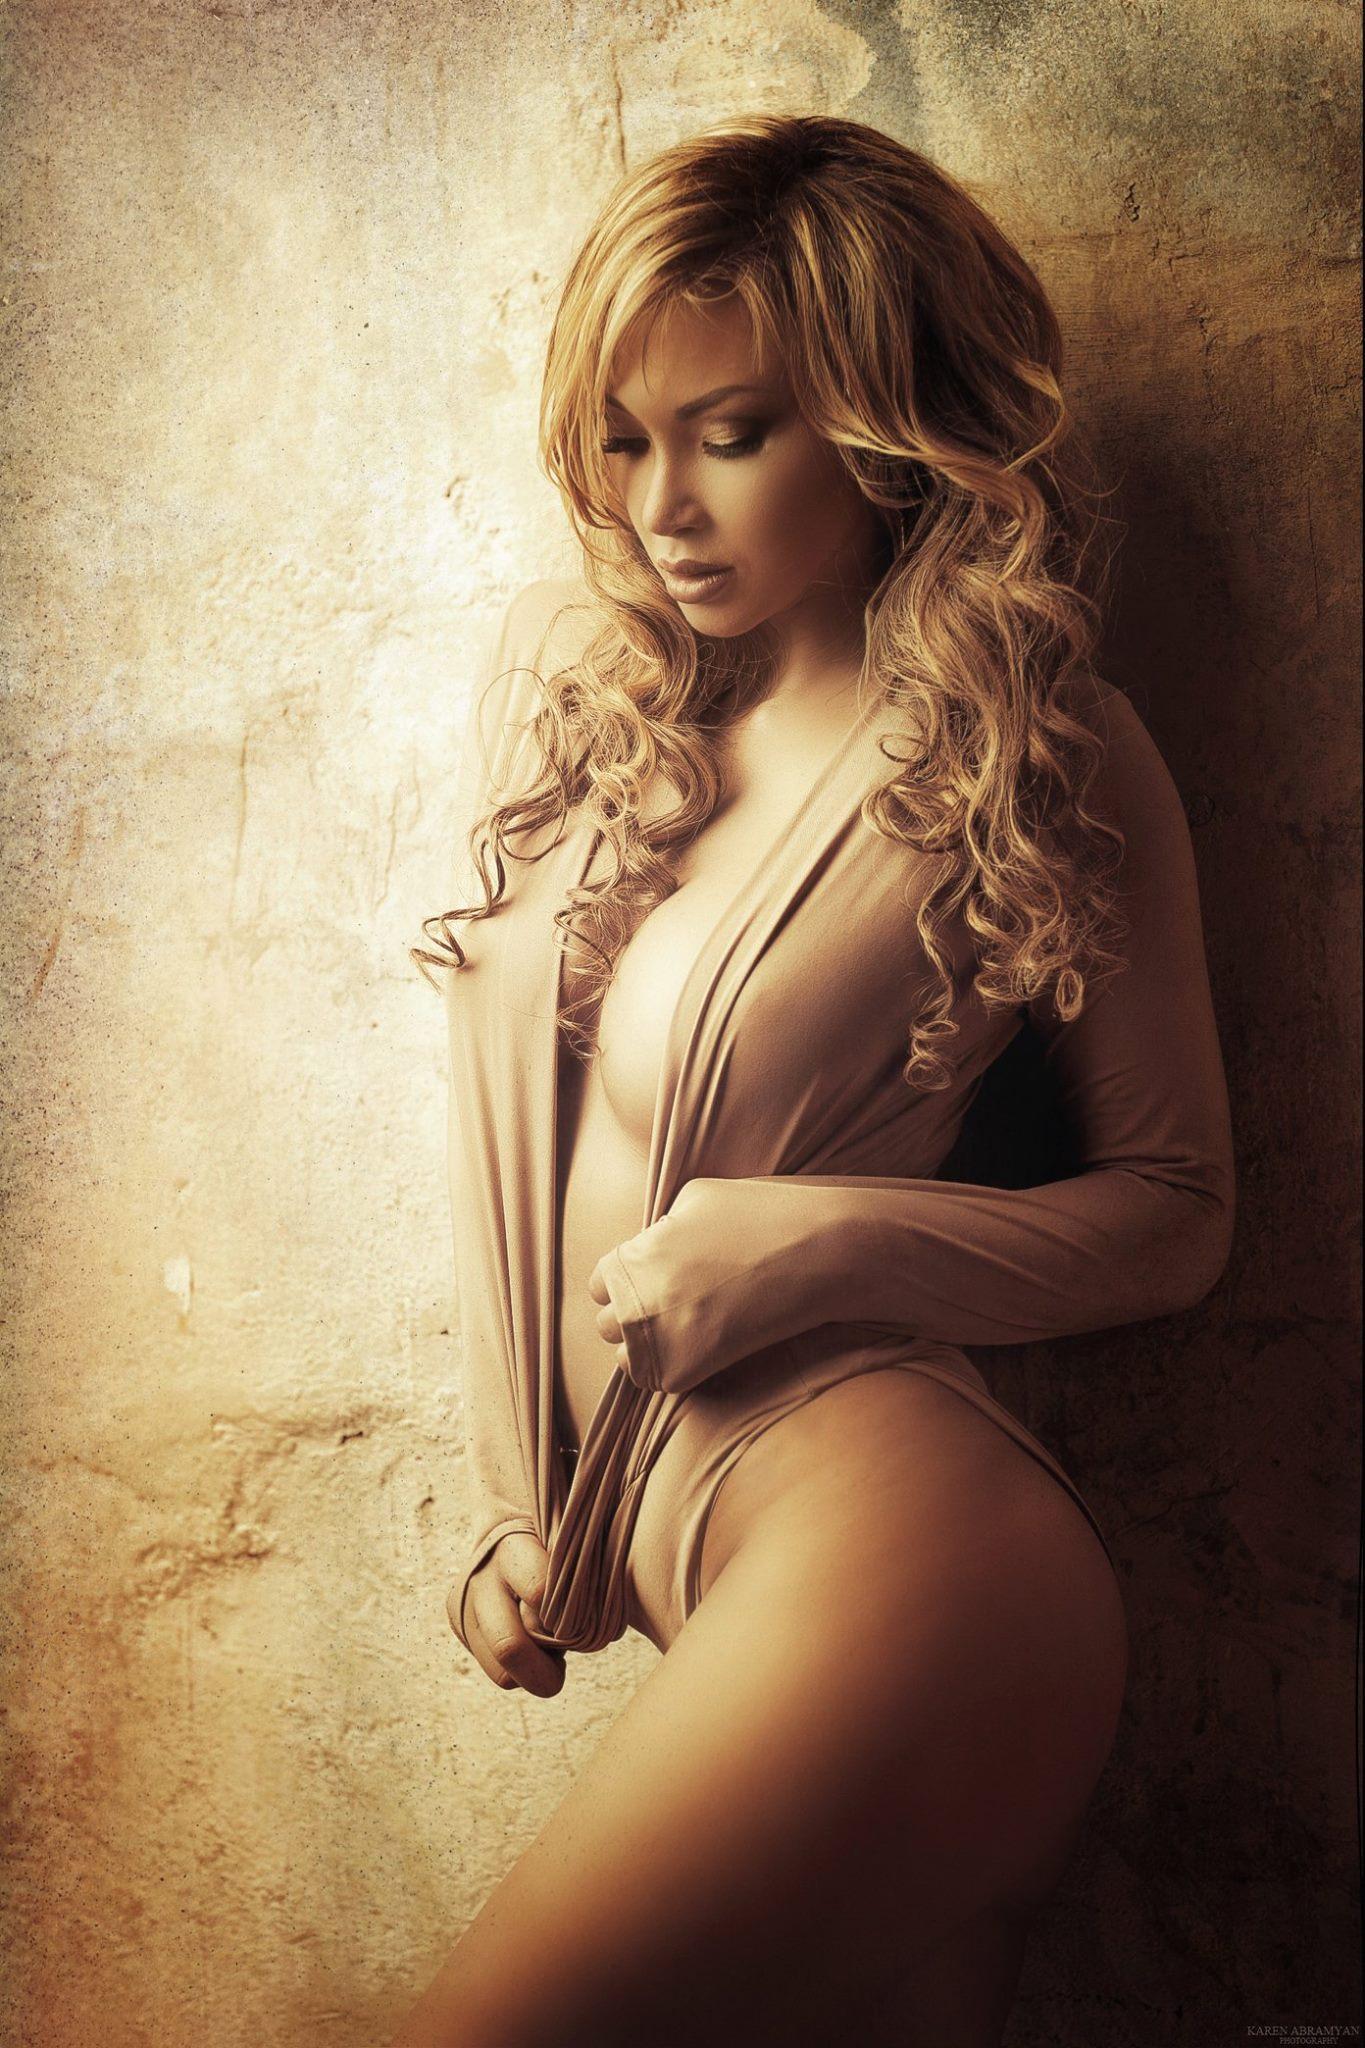 karen abramyan,fashion,portrait,art,girl,hair,nice,blondie,pretty,studio, Abramyan Karen